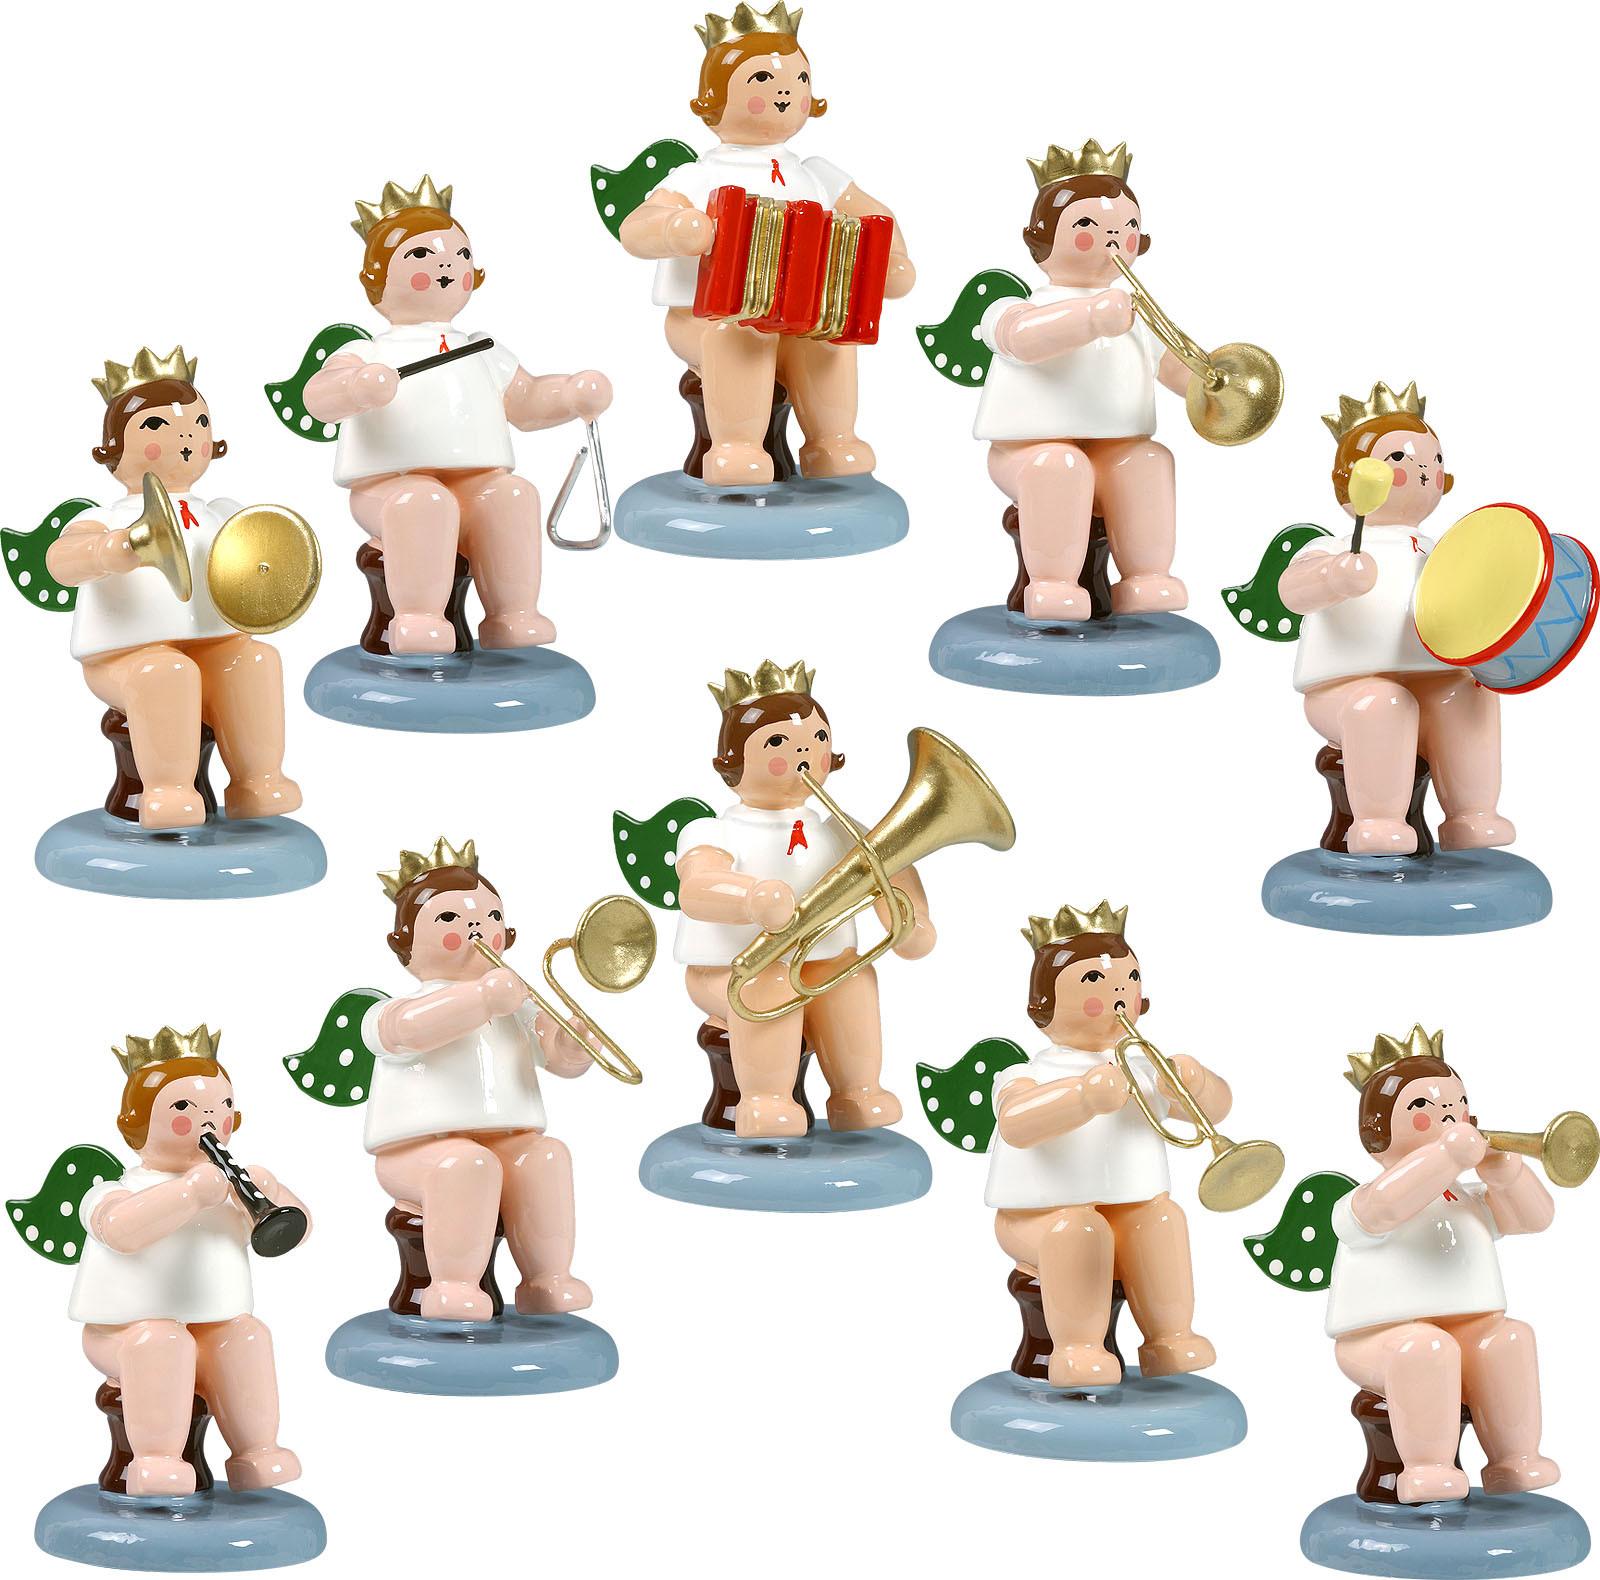 Engelmusikanten, sitzend, 10-teilig, Variante 1 - mit Krone